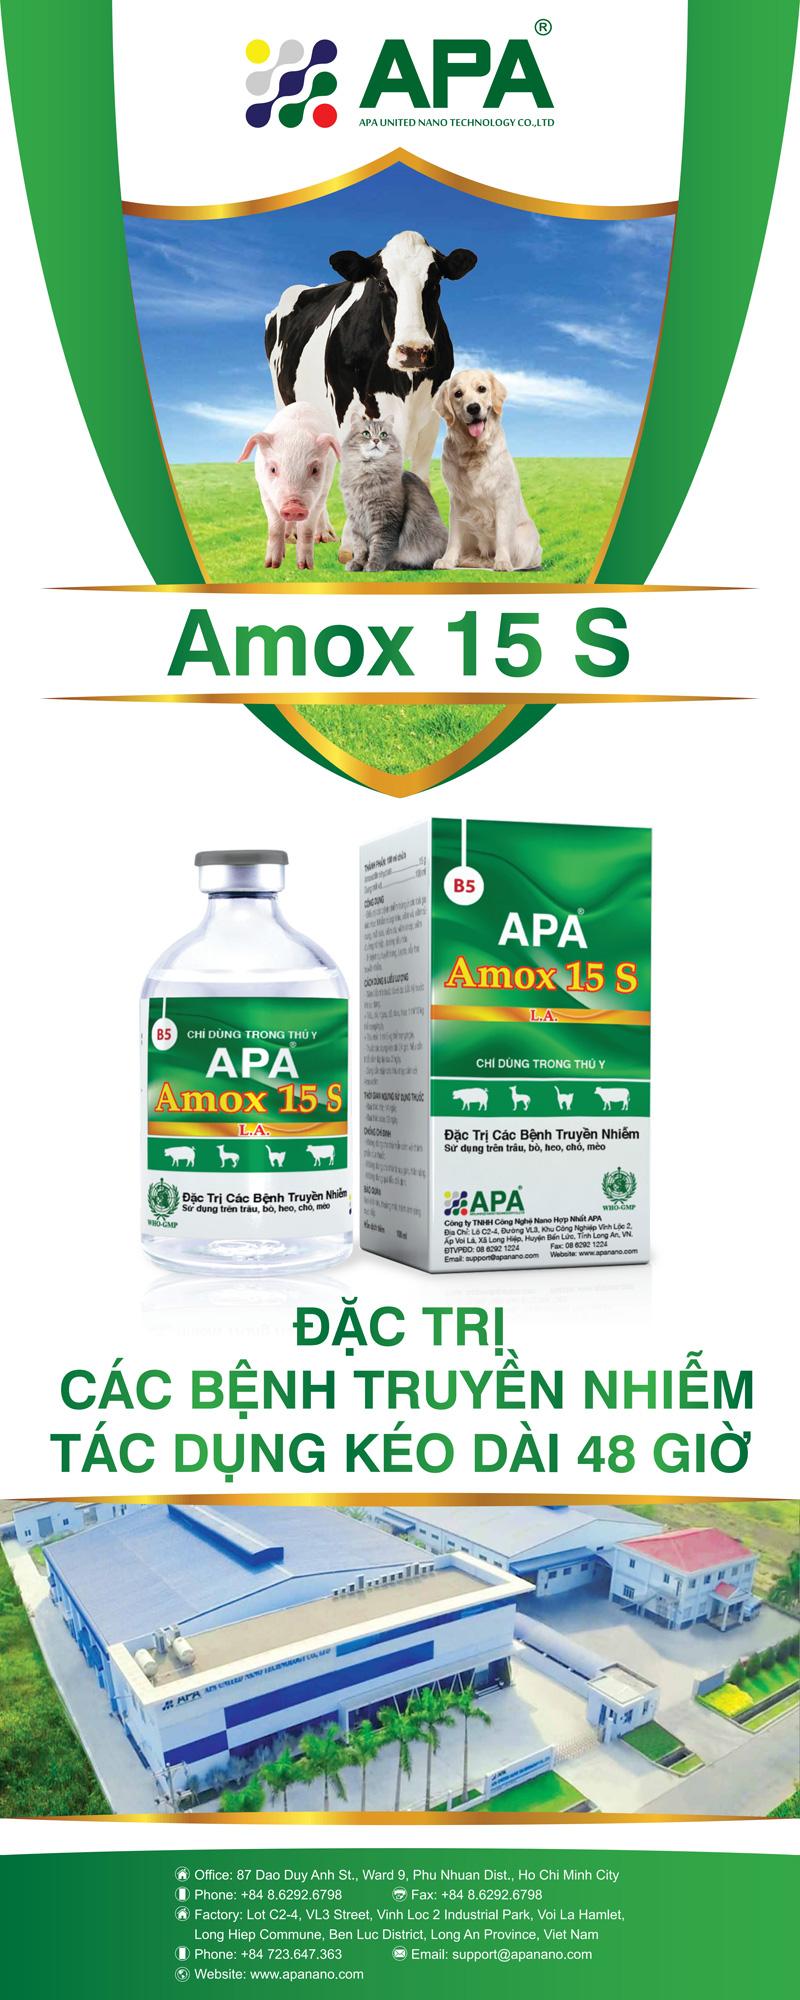 APA-Amox-15-S_Standee